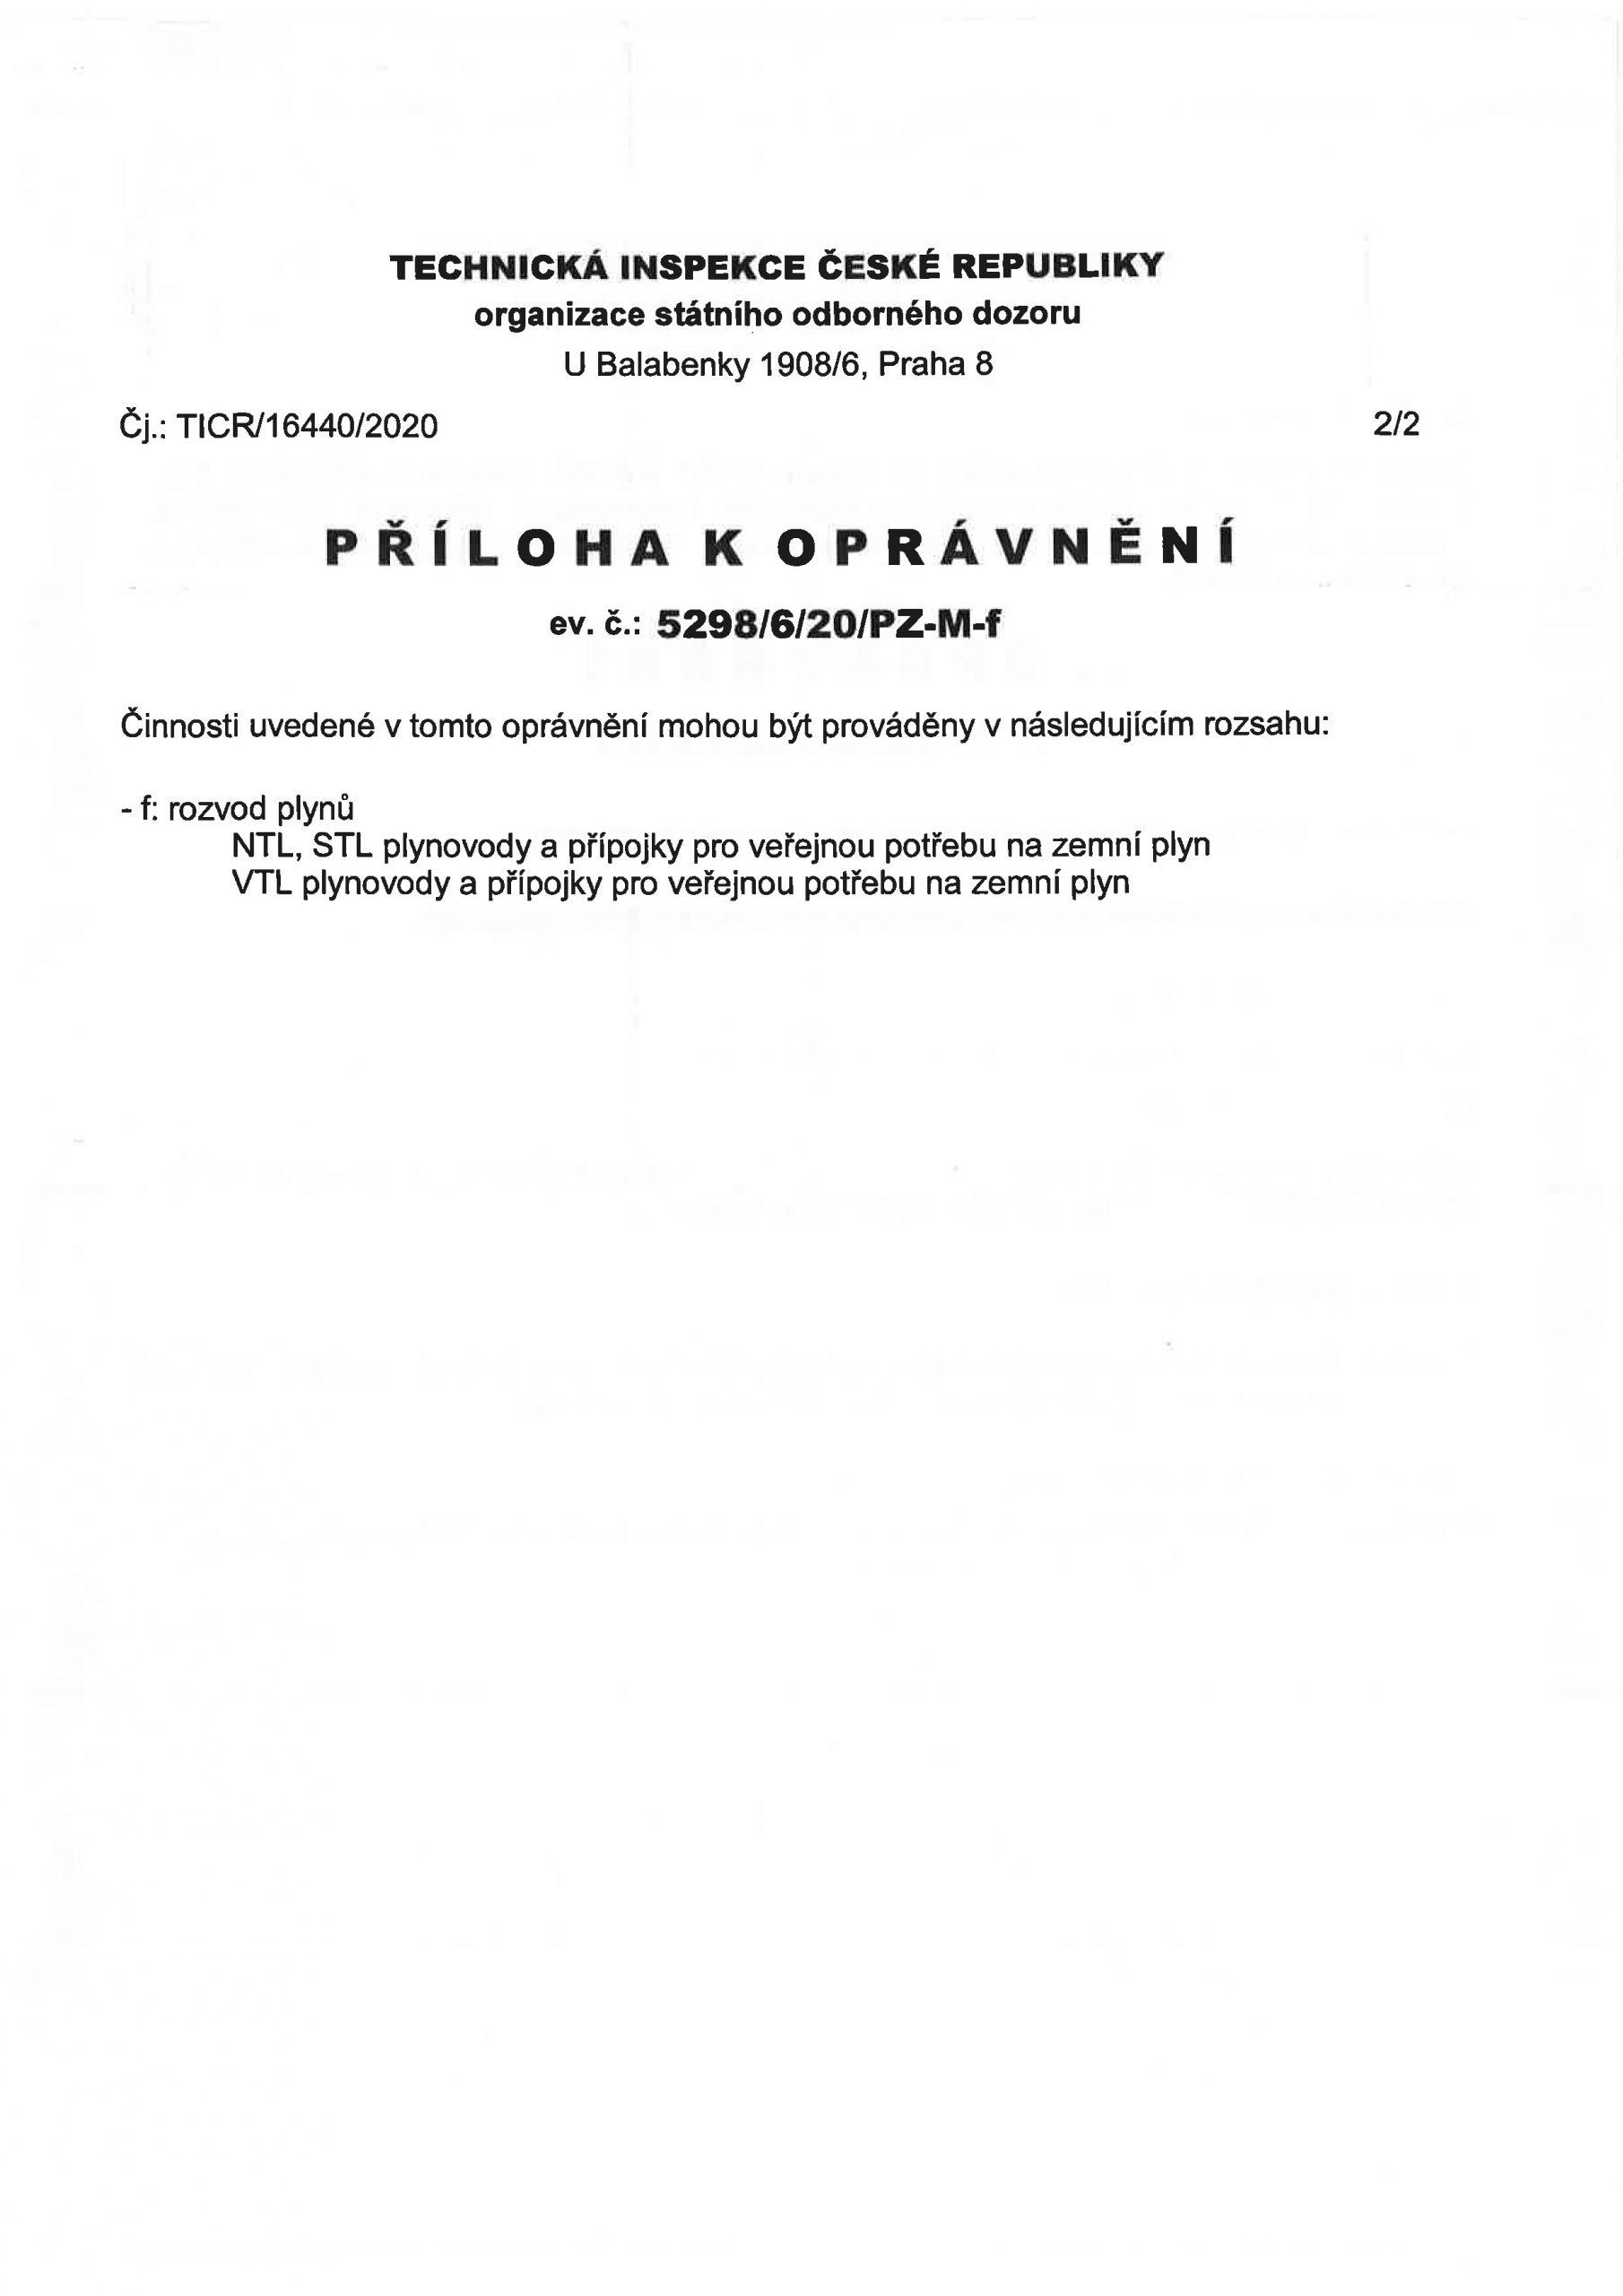 mivet-opravneni-k-provadeni-montazi-a-oprav-vyhrazenych-plynovych-zarizeni-02